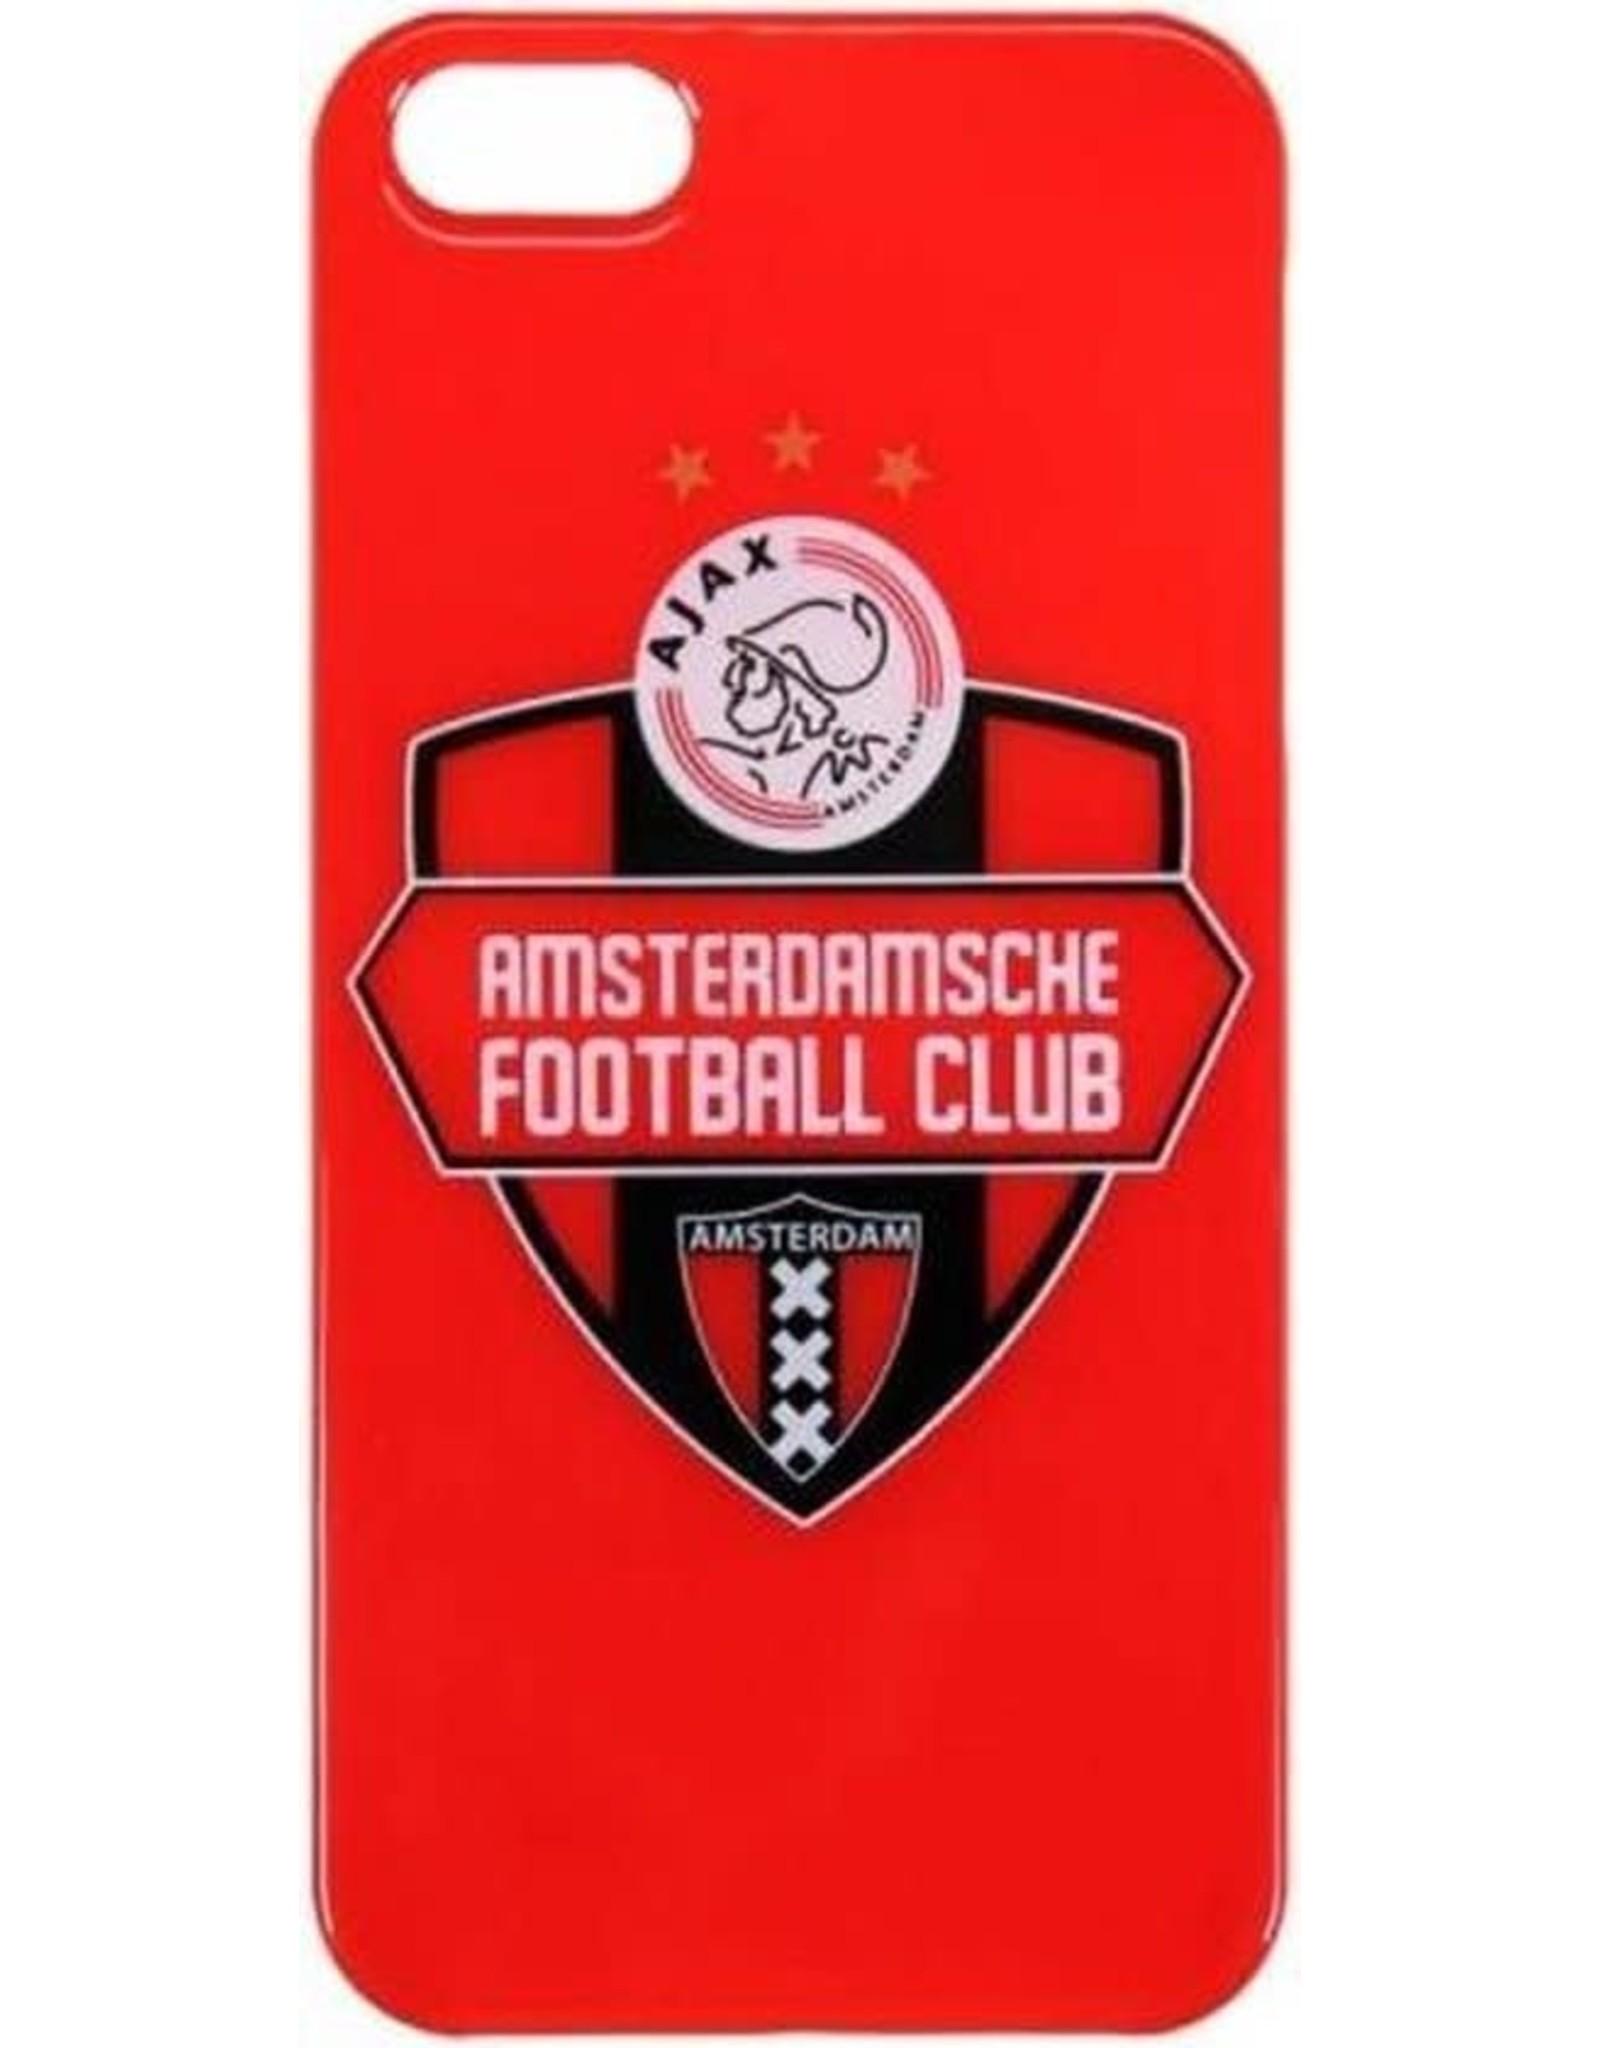 AJAX IPHONE COVER AFC